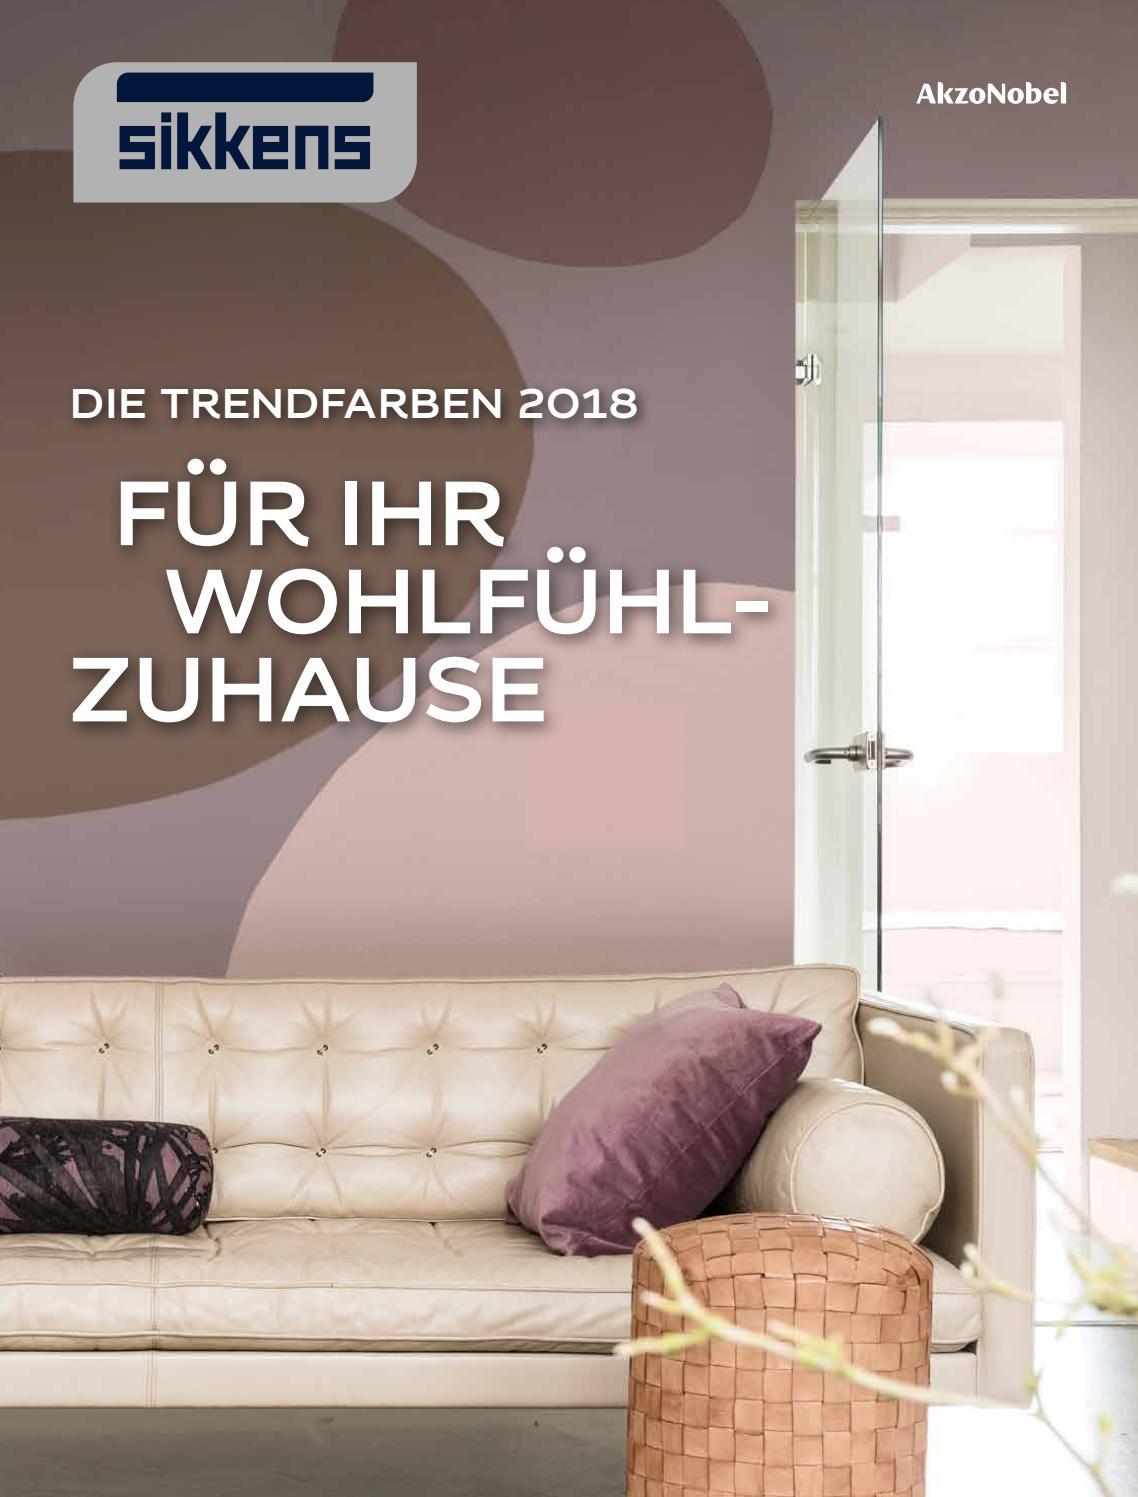 Wandgestaltung Wohnzimmer 20 Attraktive Ideen Für Stilvolles Farben ...